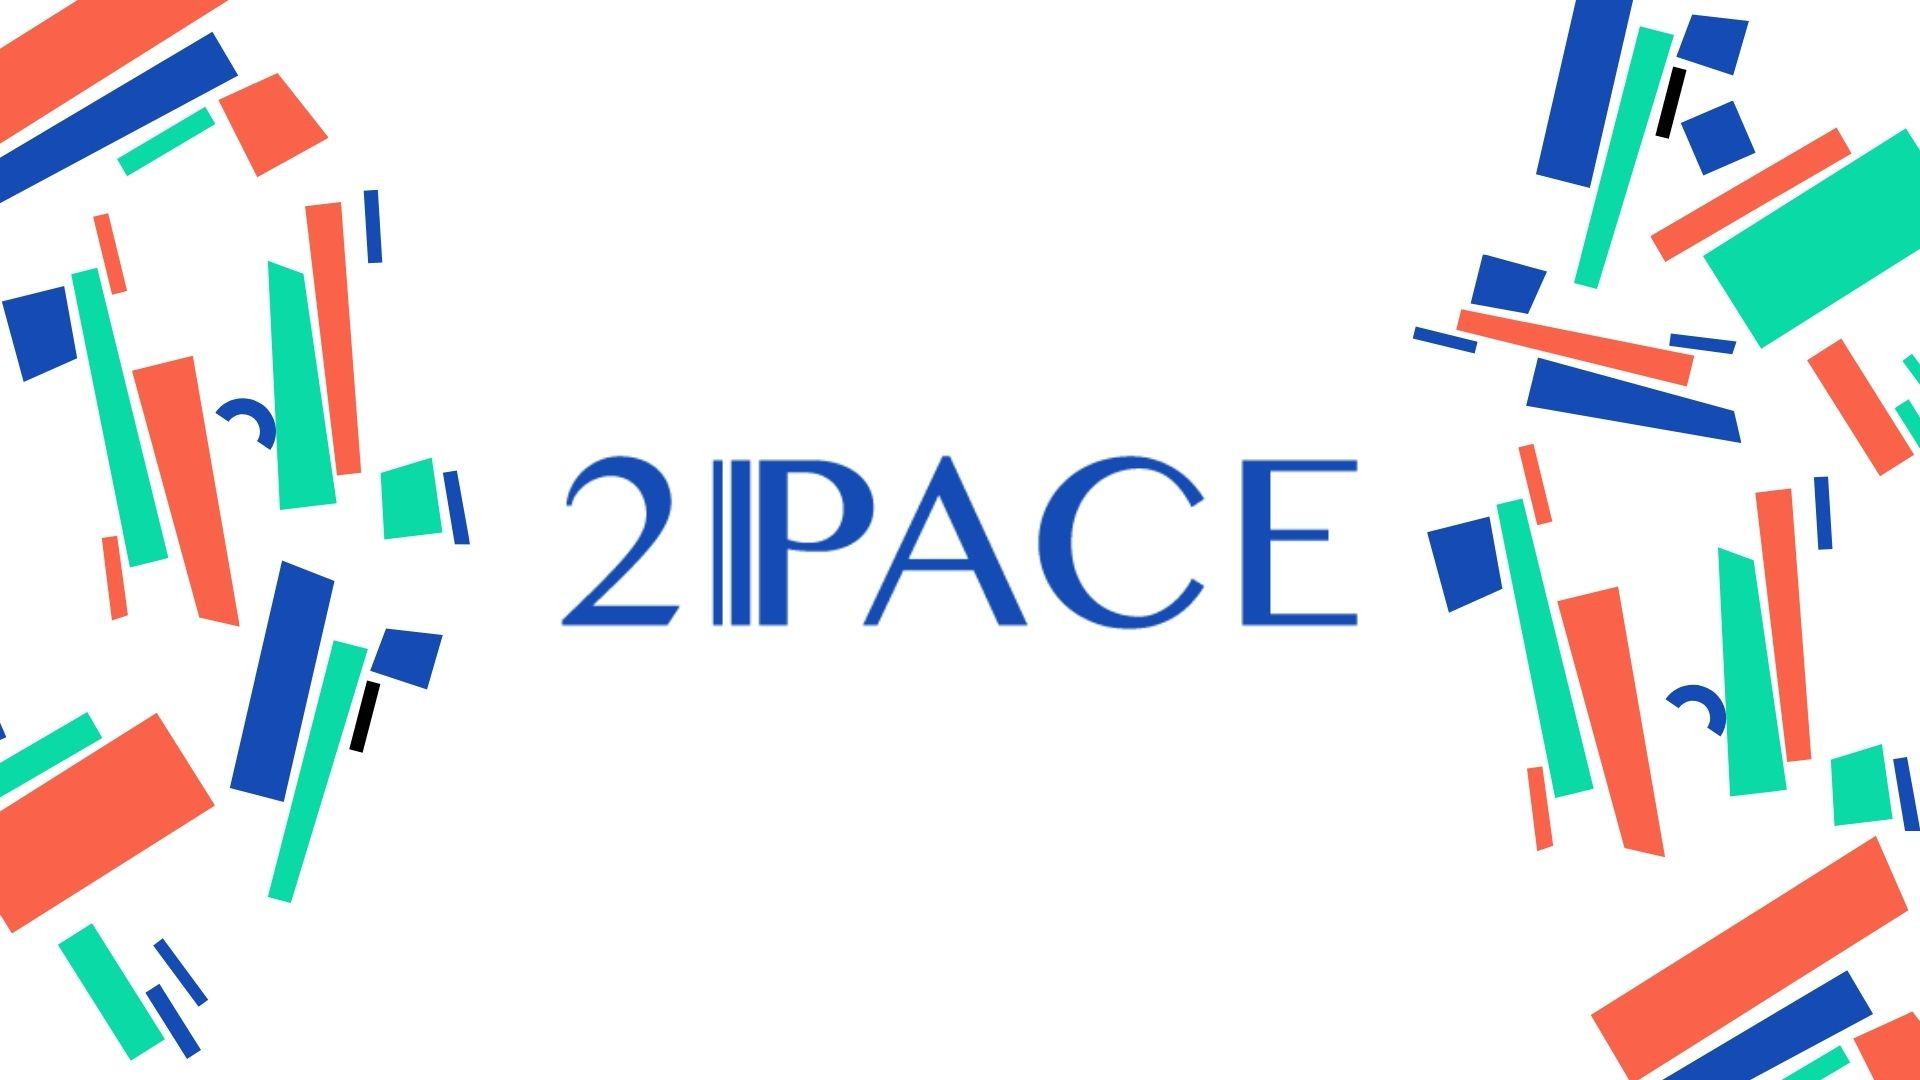 2PACE - cabinet de conseil en performance commerciale